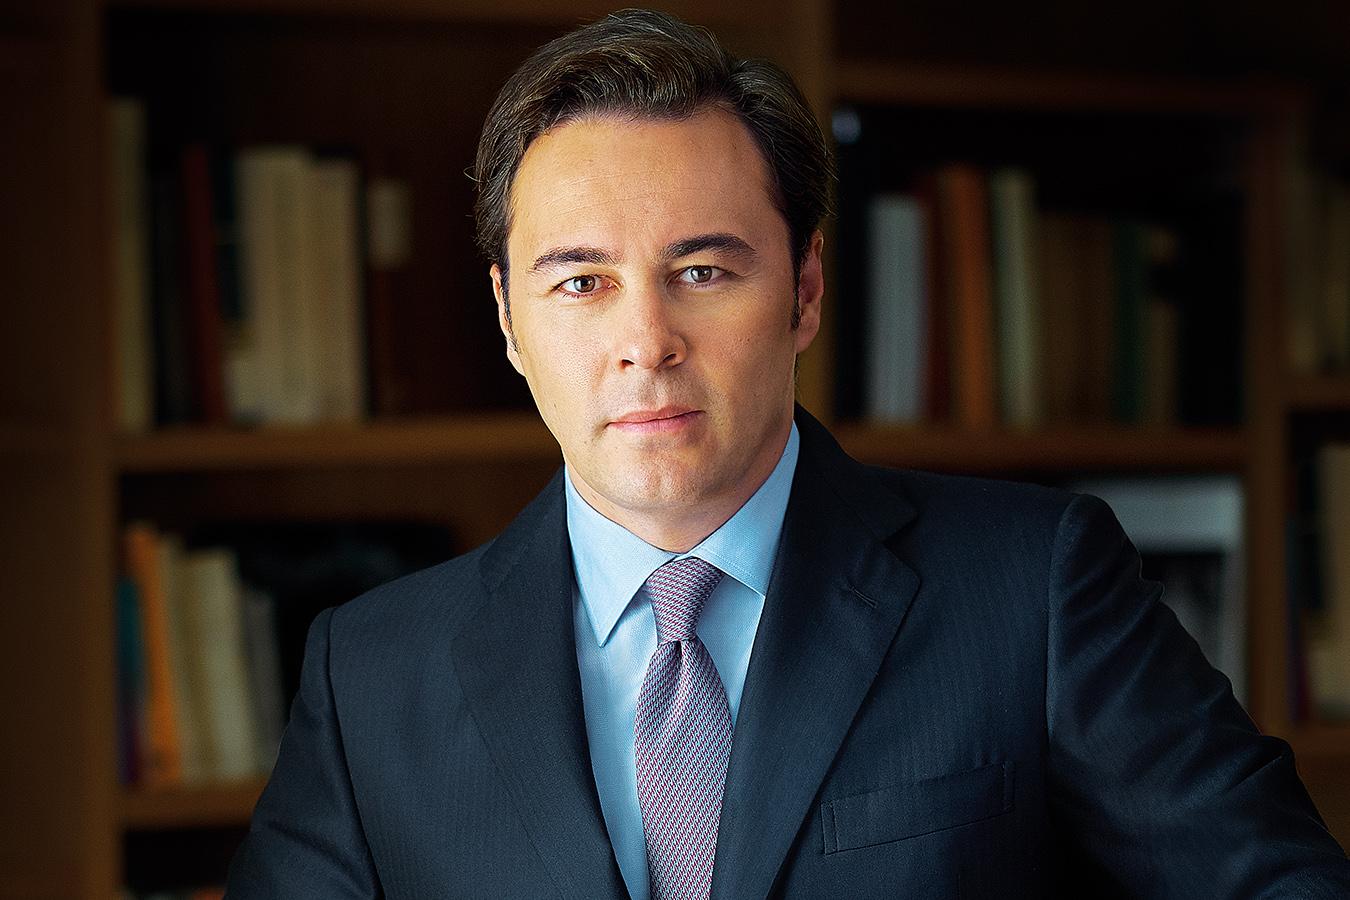 El Corte Inglés Presidente Dimas GImeno Álvarez